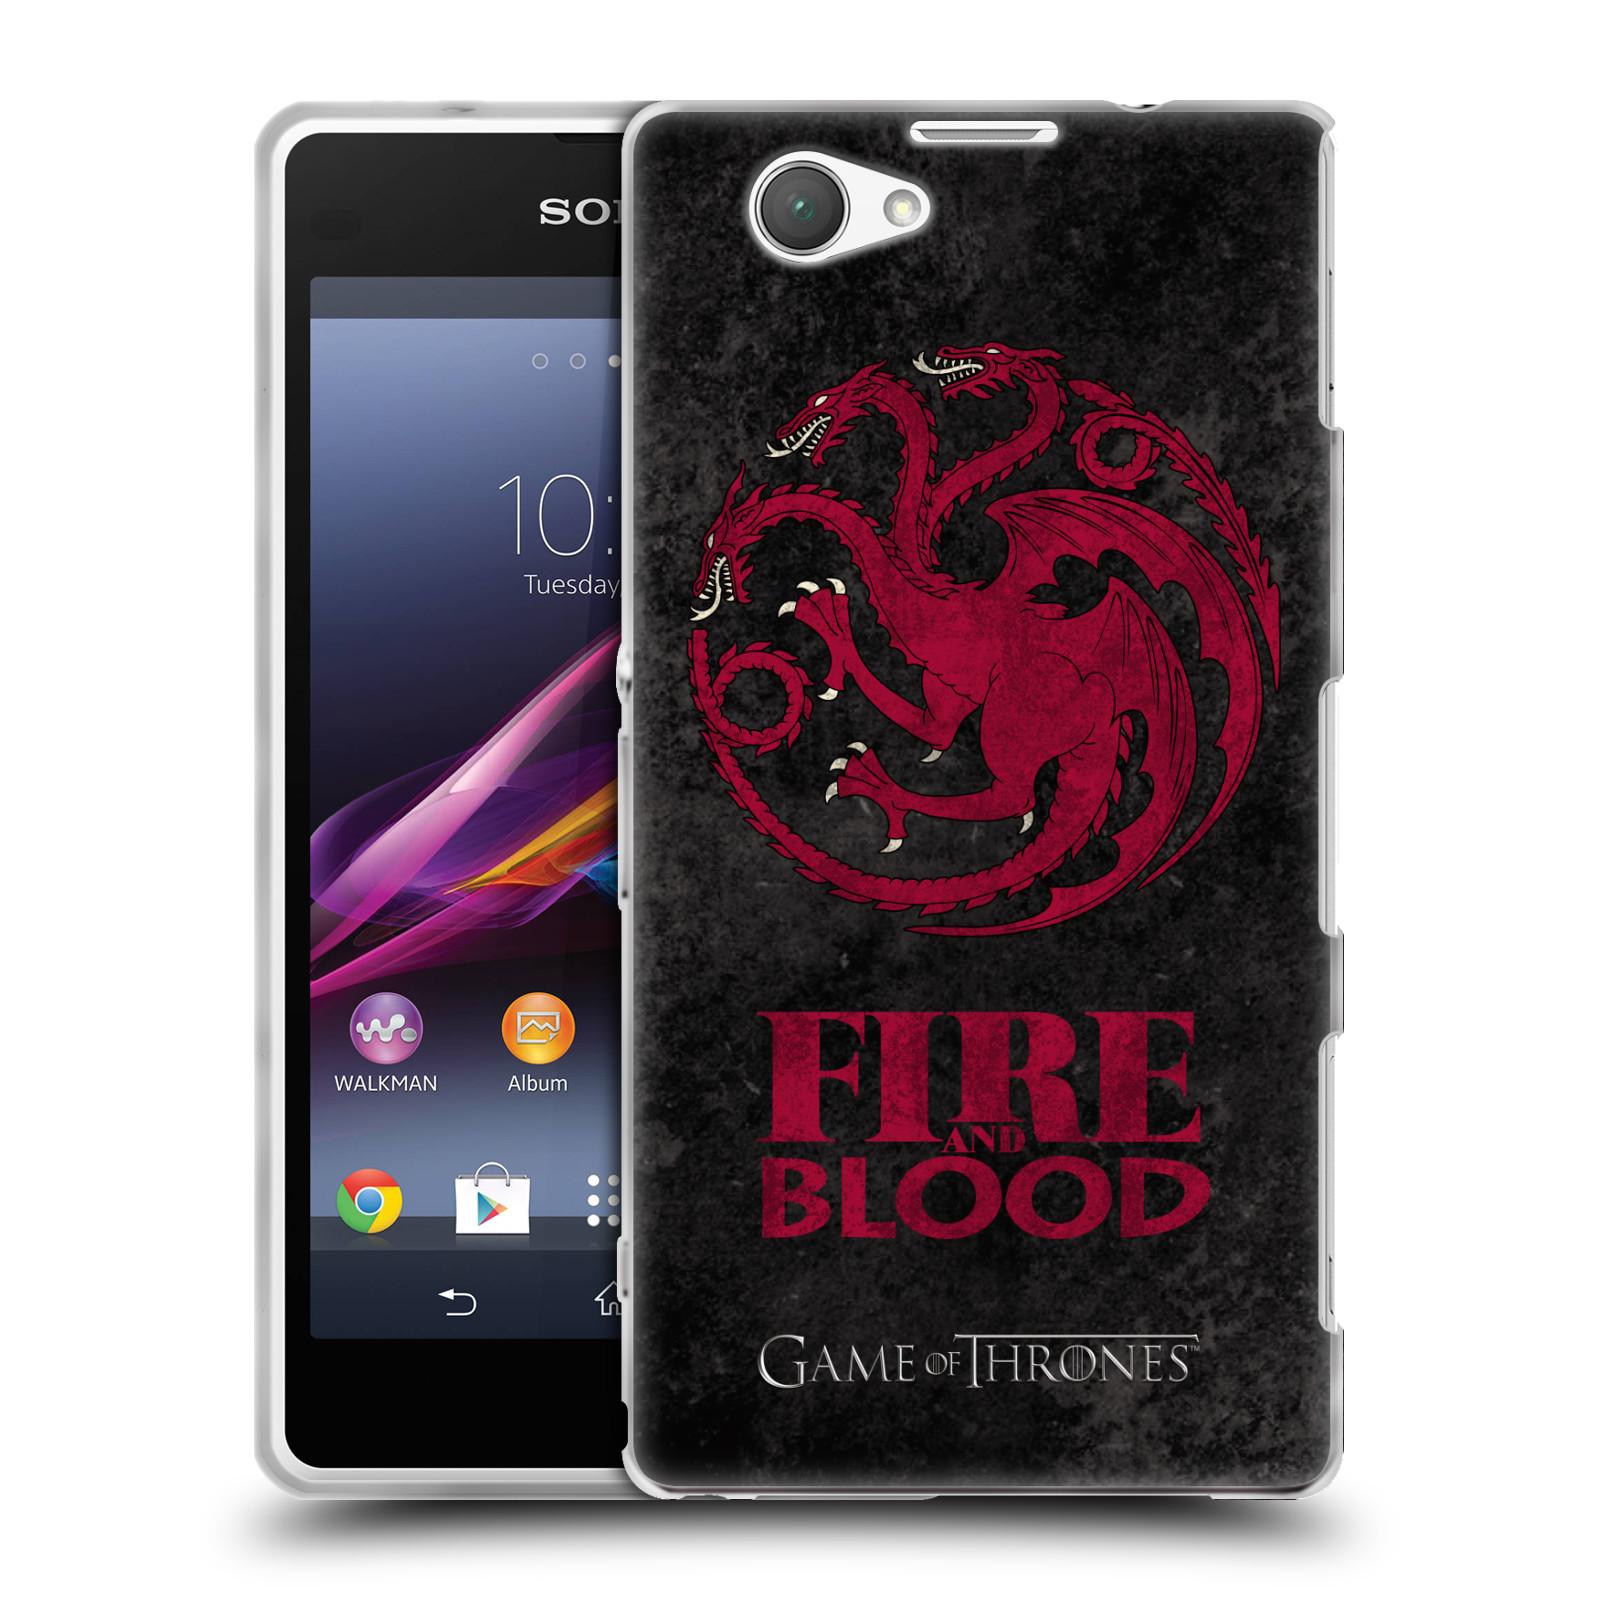 Silikonové pouzdro na mobil Sony Xperia Z1 Compact D5503 HEAD CASE Hra o trůny - Sigils Targaryen - Fire and Blood (Silikonový kryt či obal na mobilní telefon s licencovaným motivem Hra o trůny - Game Of Thrones pro Sony Xperia Z1 Compact)